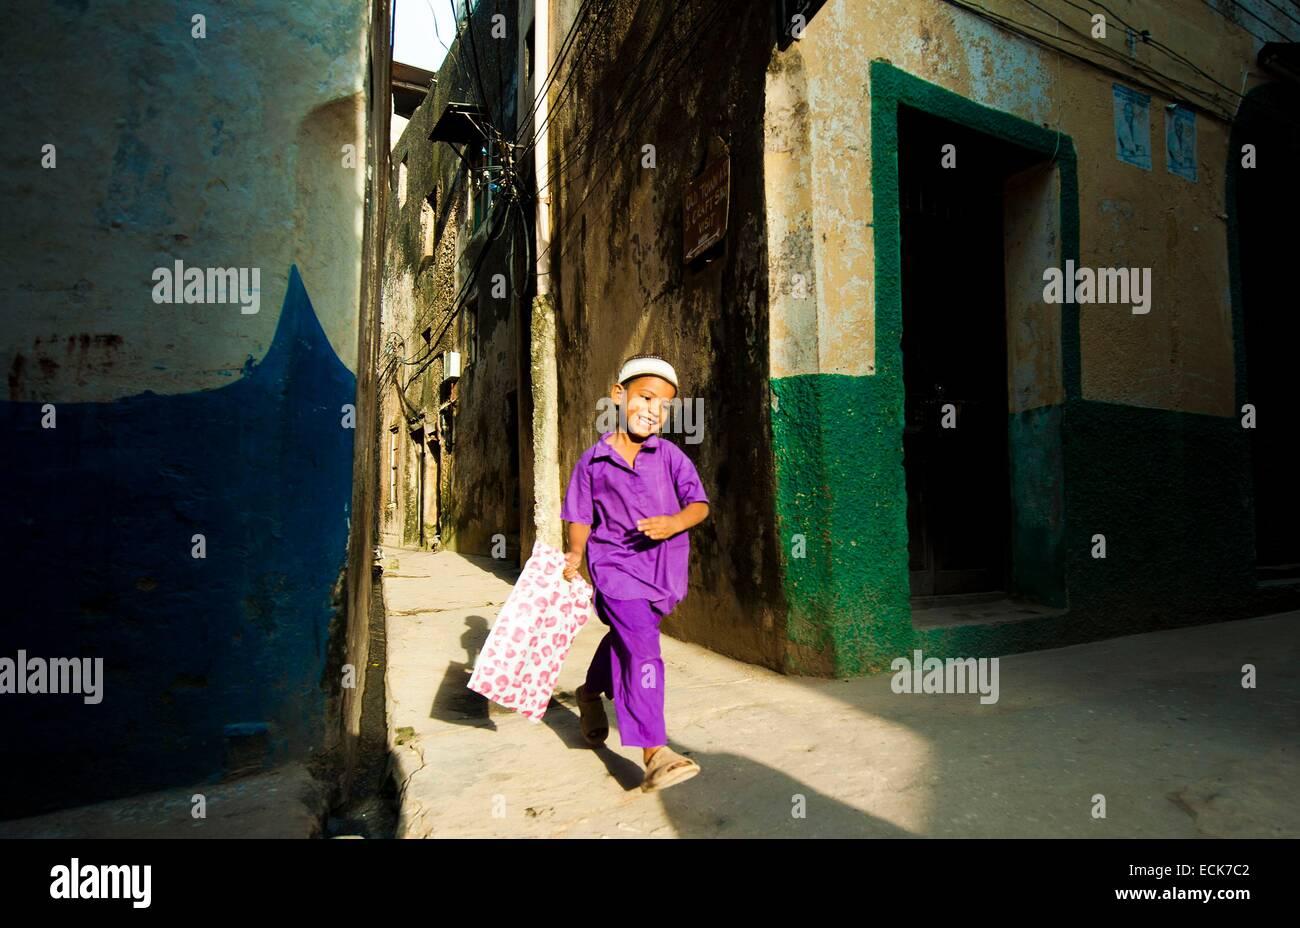 Le Kenya, l'archipel de Lamu, Lamu, écolier en marche dans la rue Photo Stock